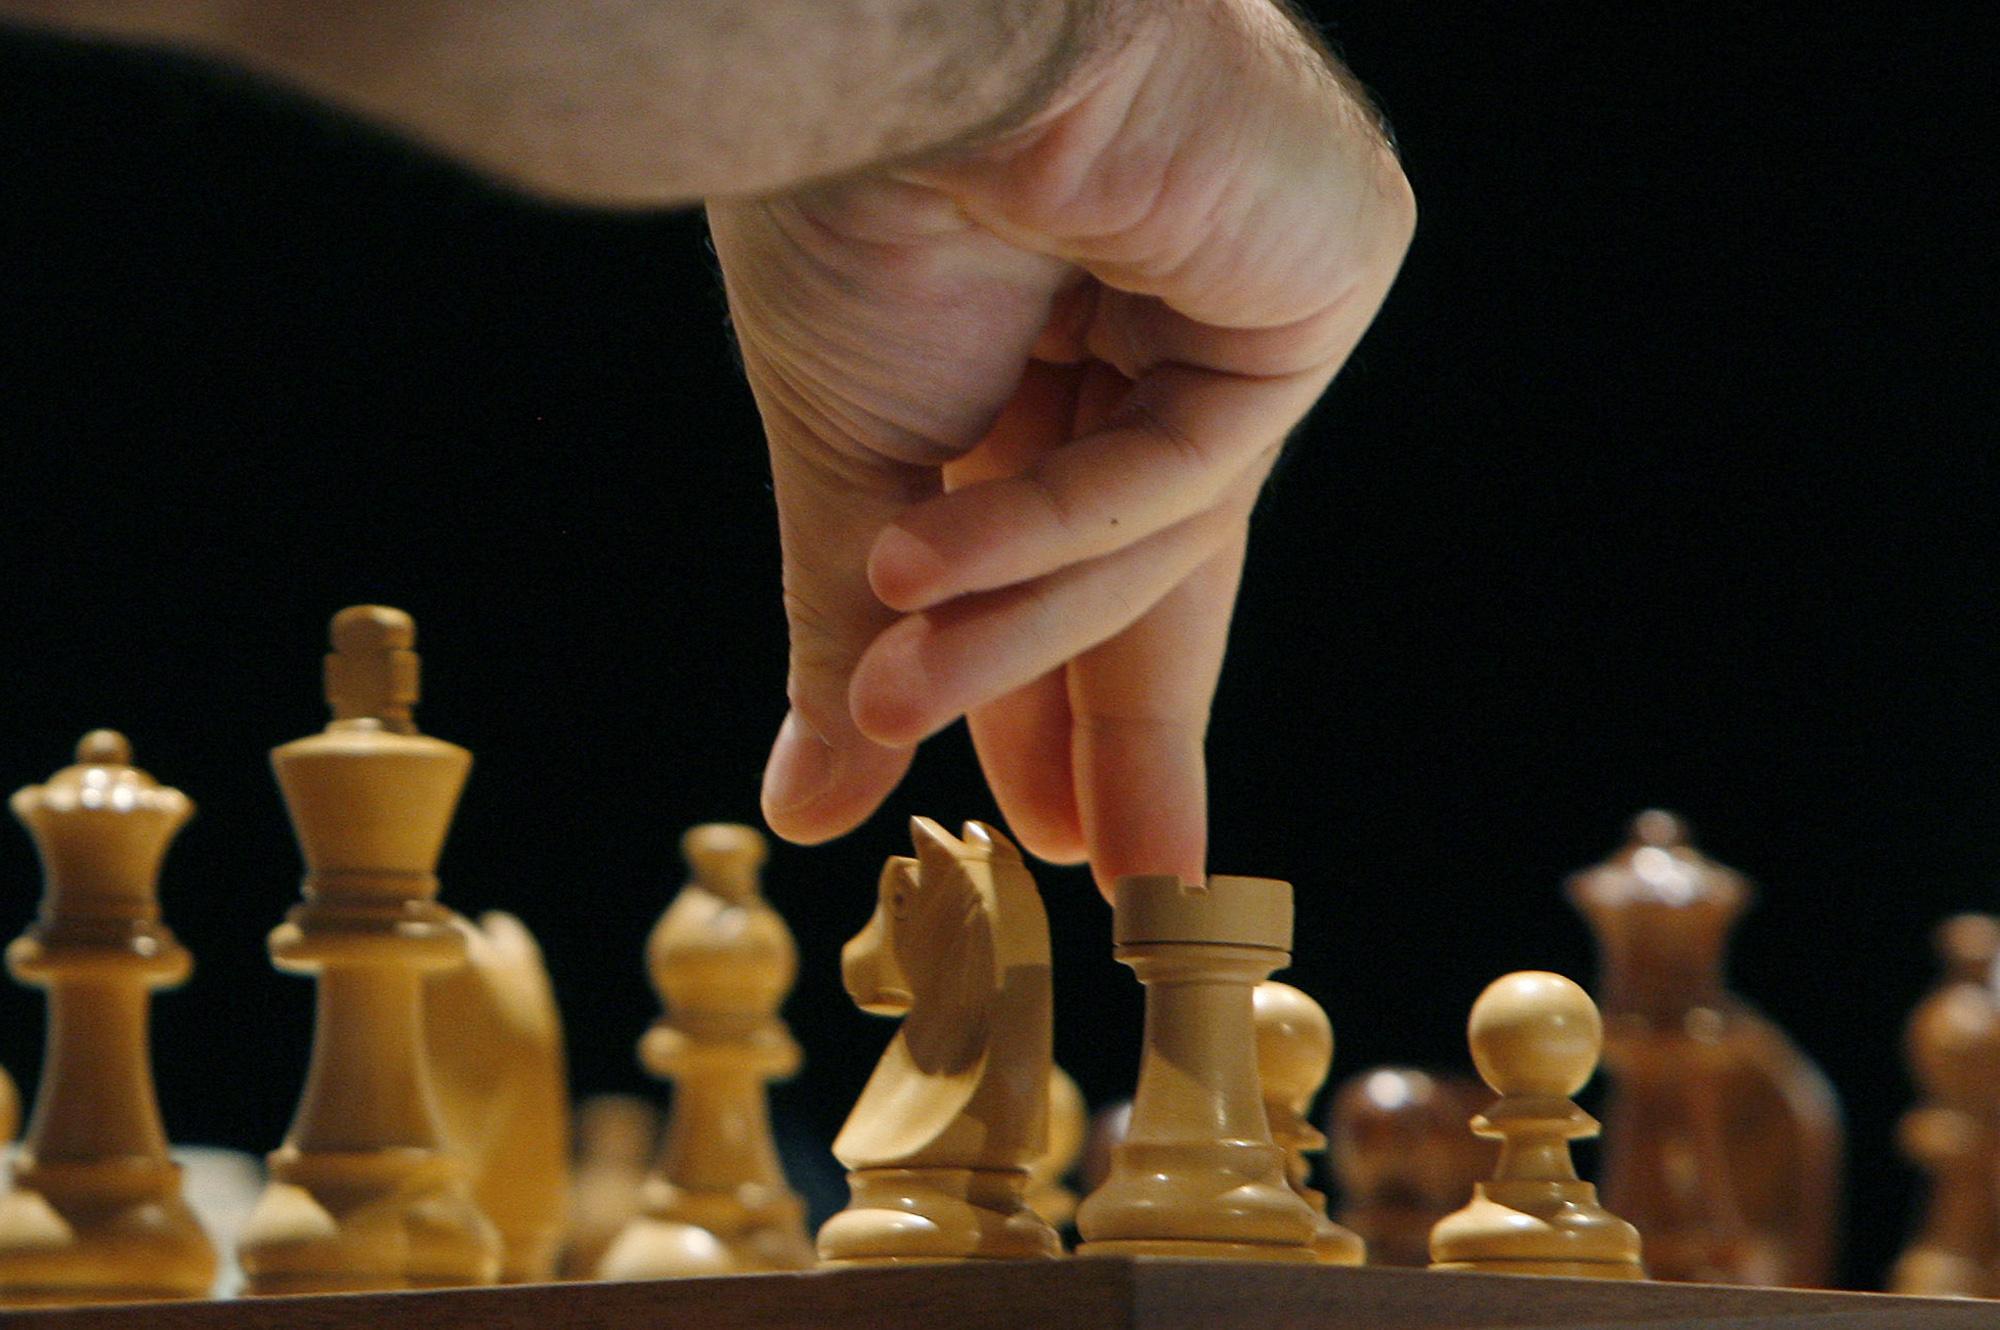 Aislamiento mundial eleva audiencias del ajedrez online